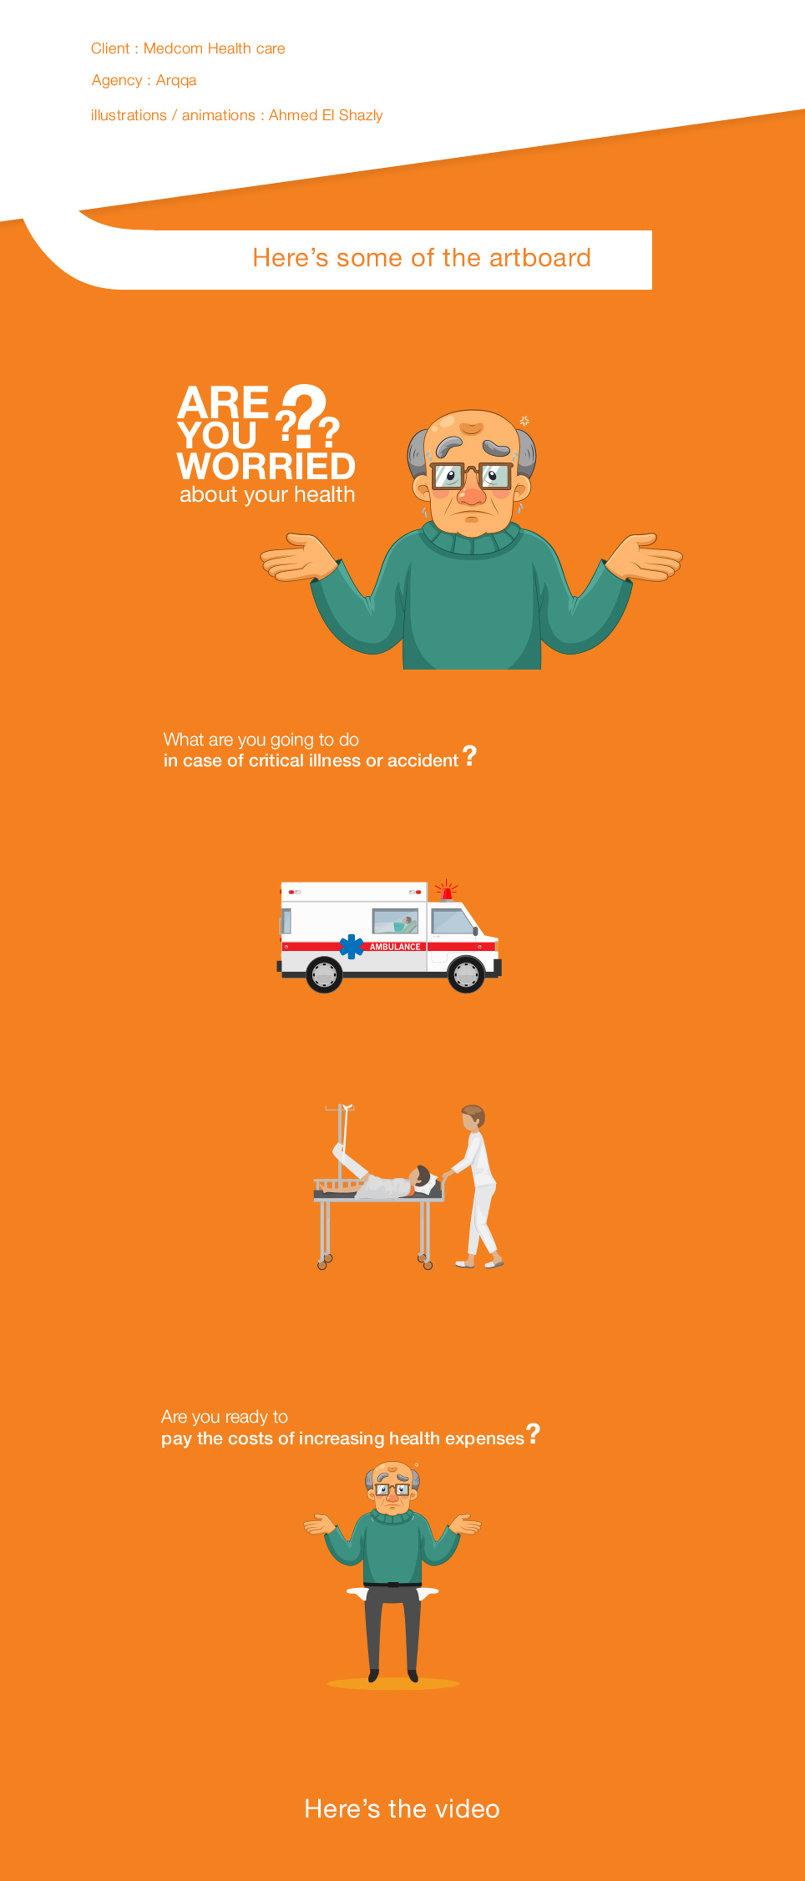 Medcom health care